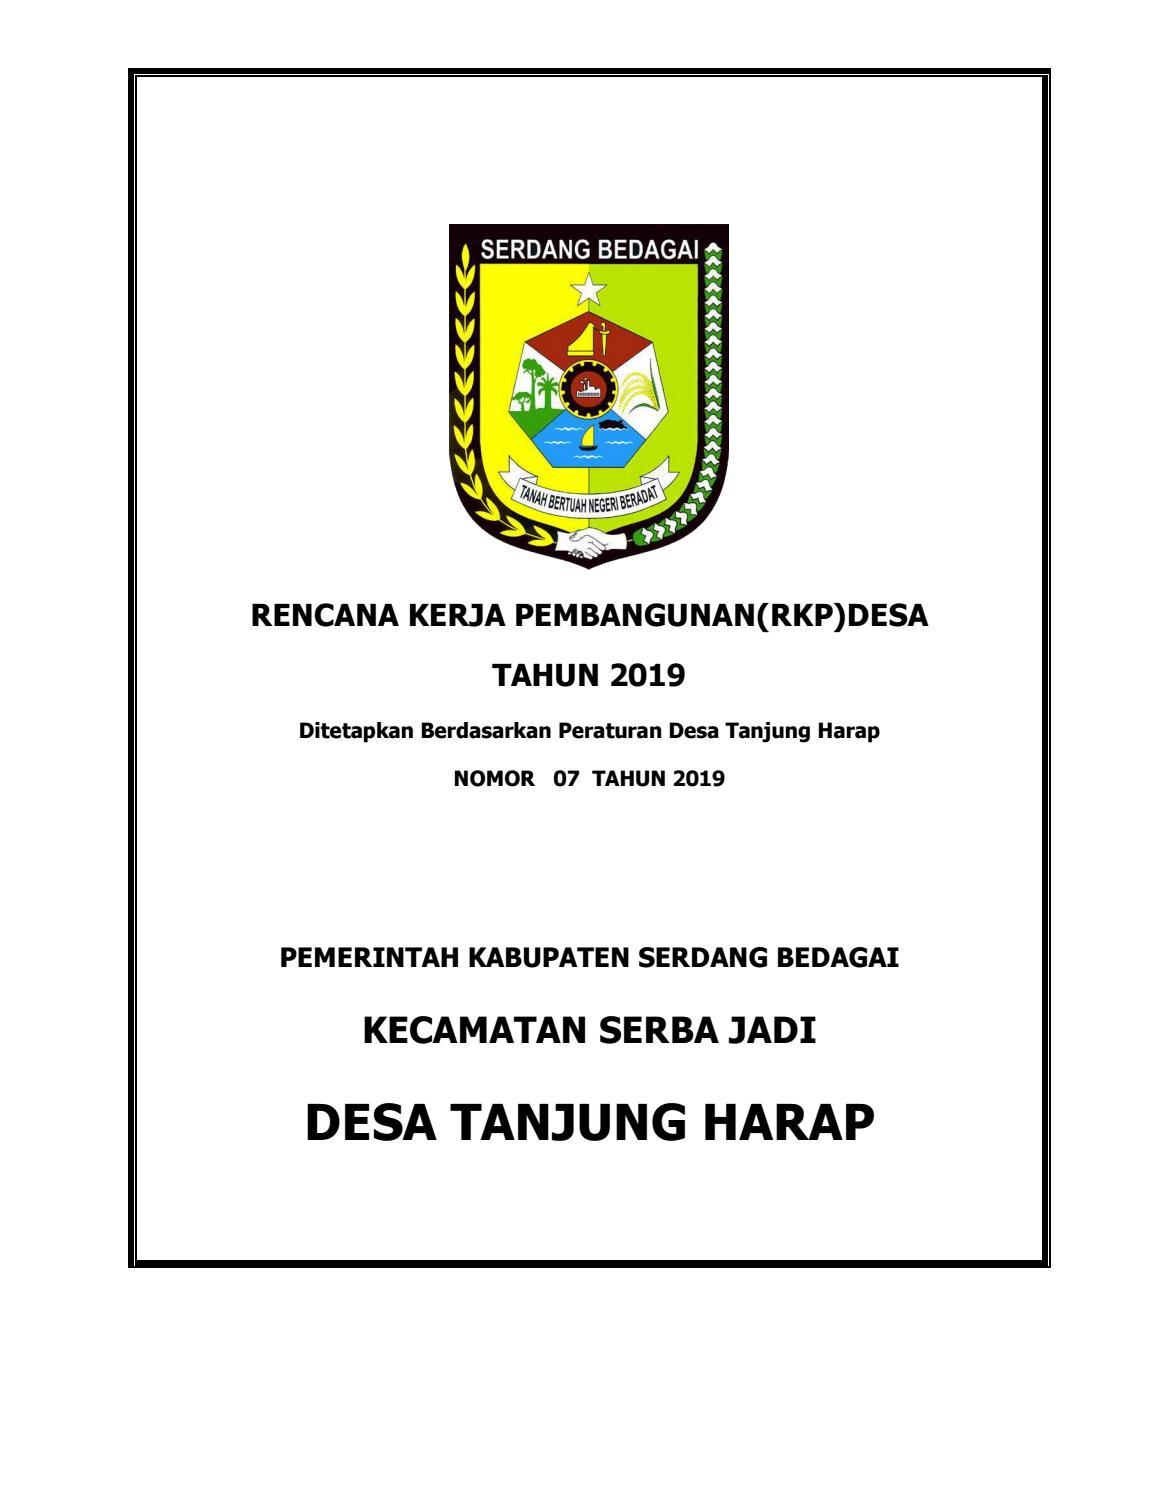 Rkpdesa Tanjung Harap T A 2019 By Tanjung Harap Issuu